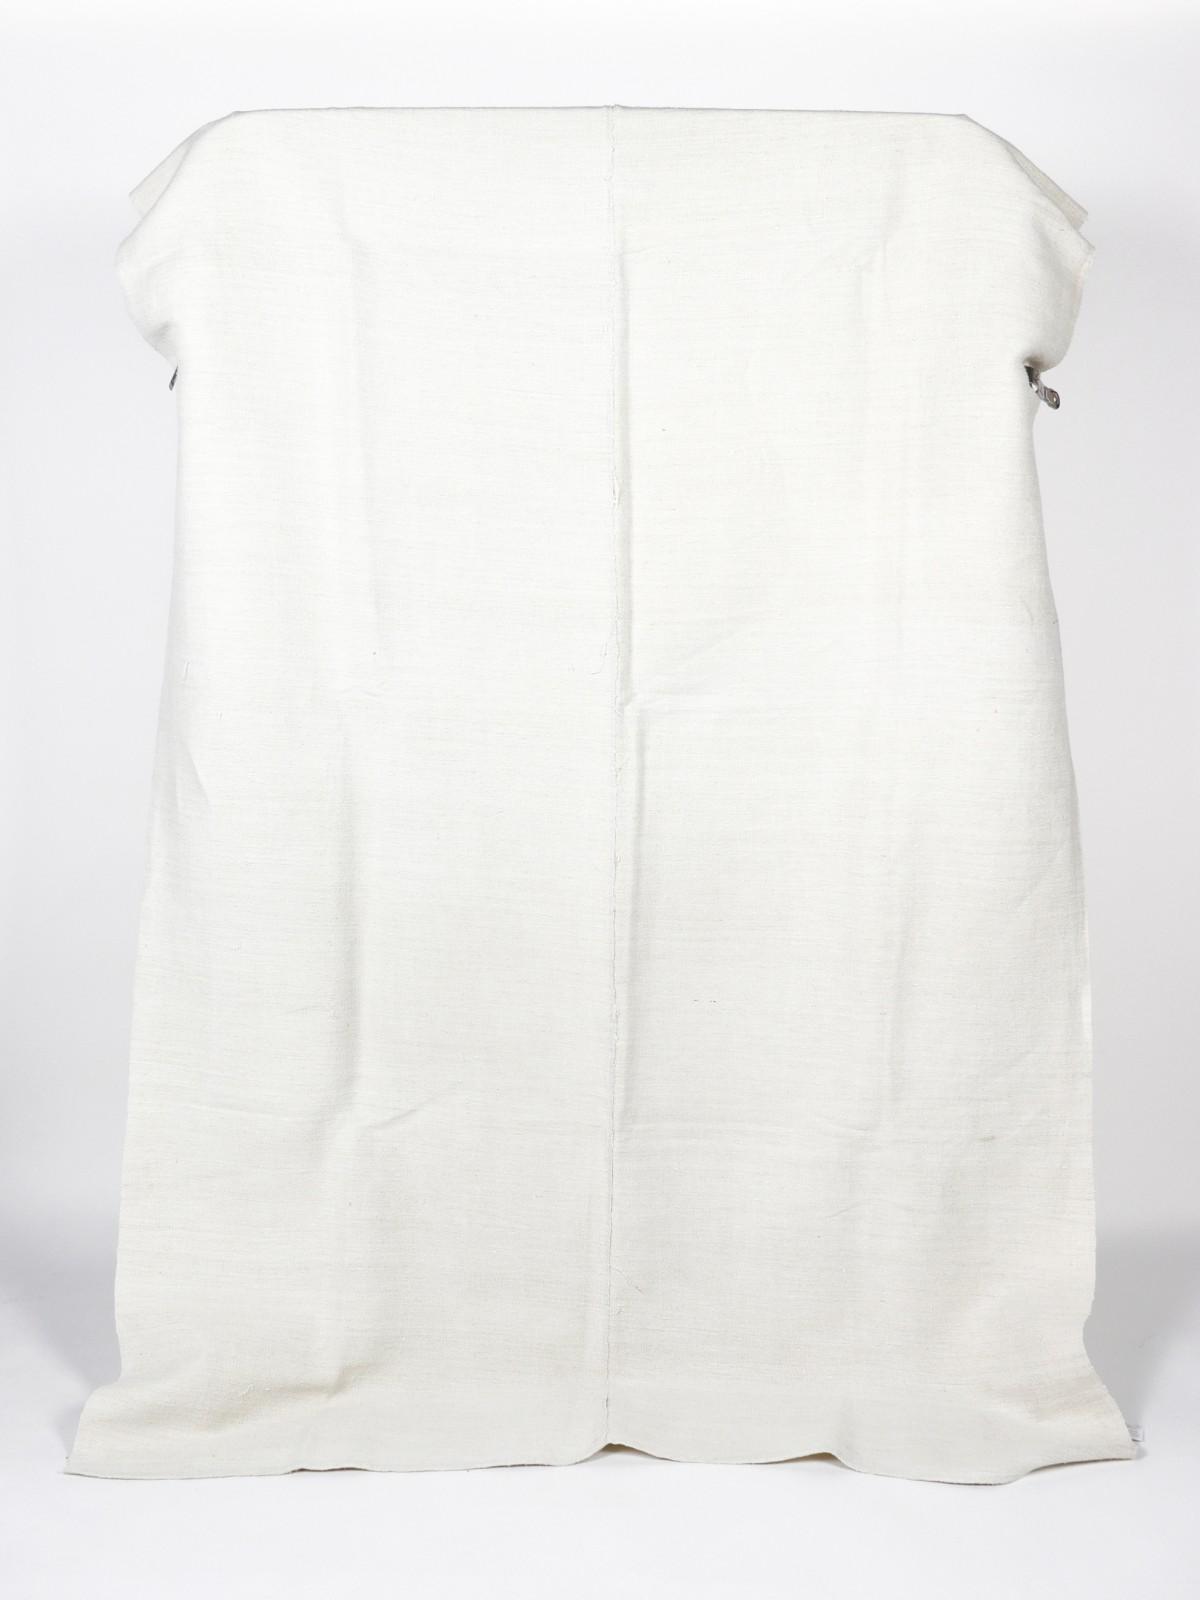 hungary linen, sheet, 1960's